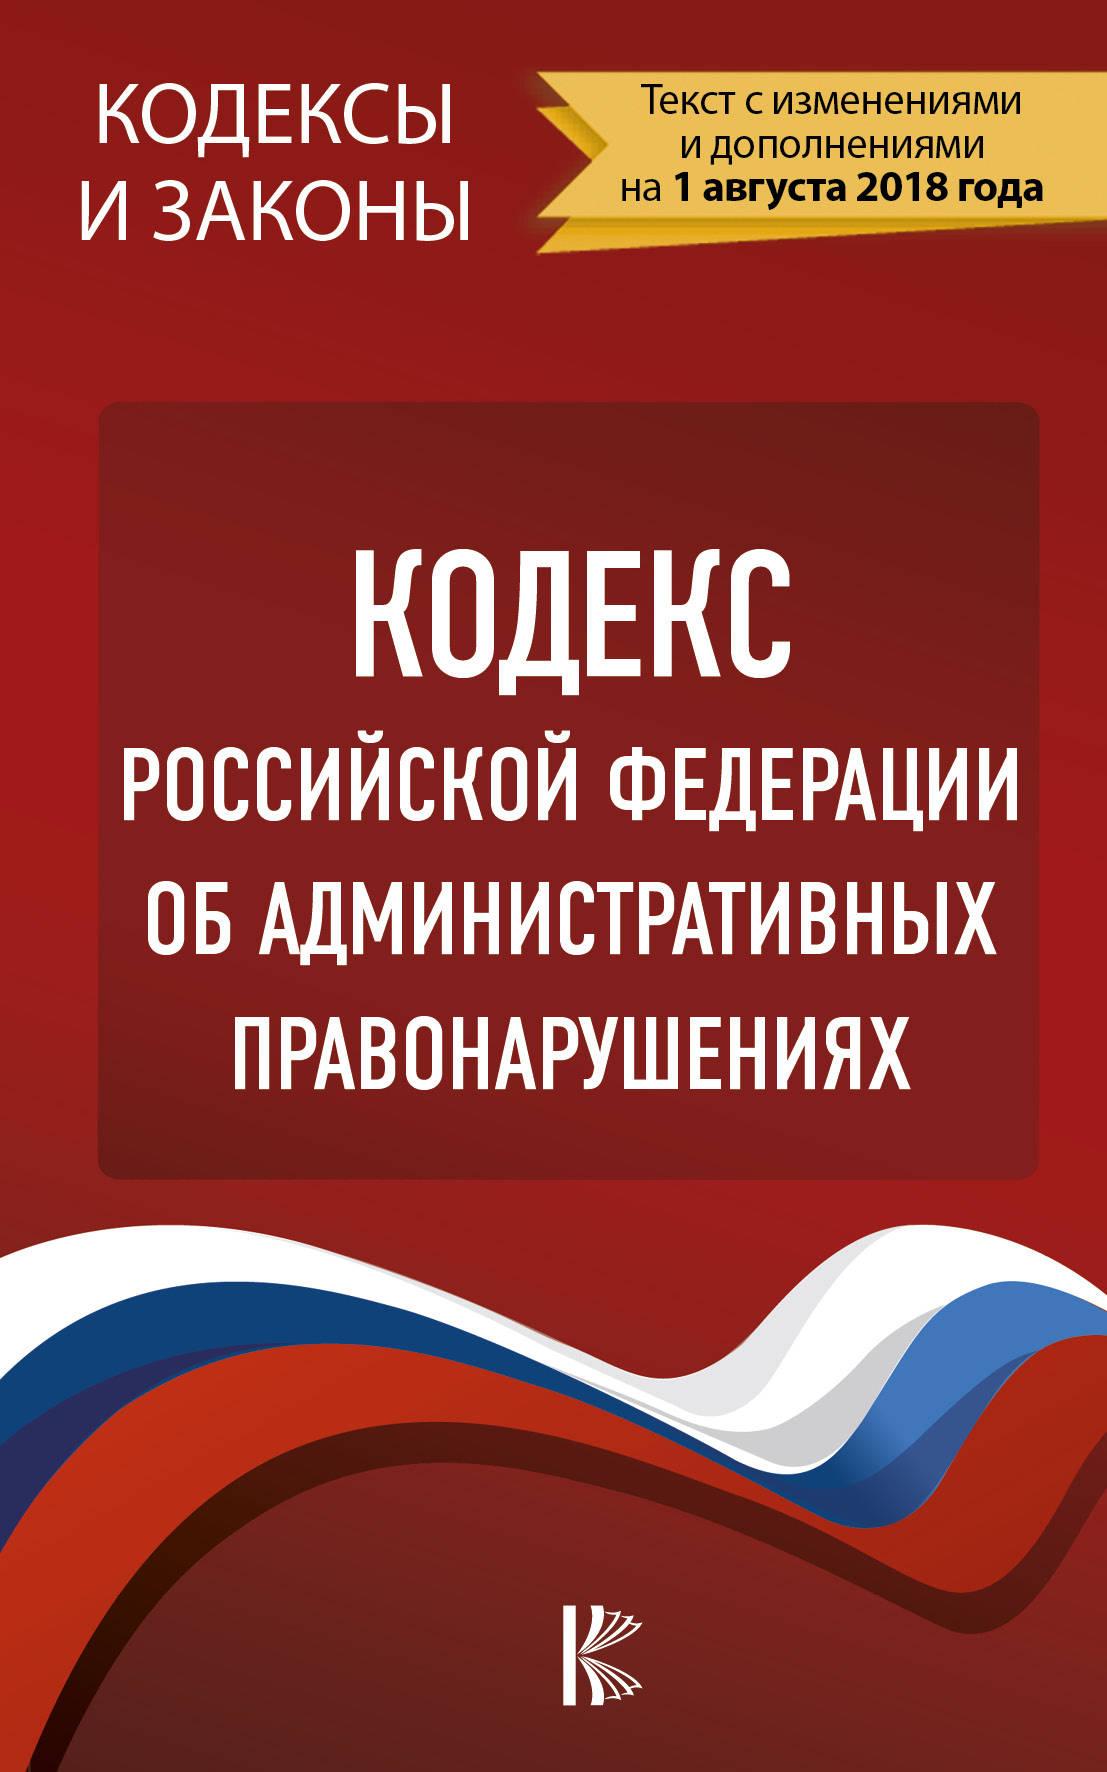 Кодекс Российской Федерации об административных правонарушениях цена